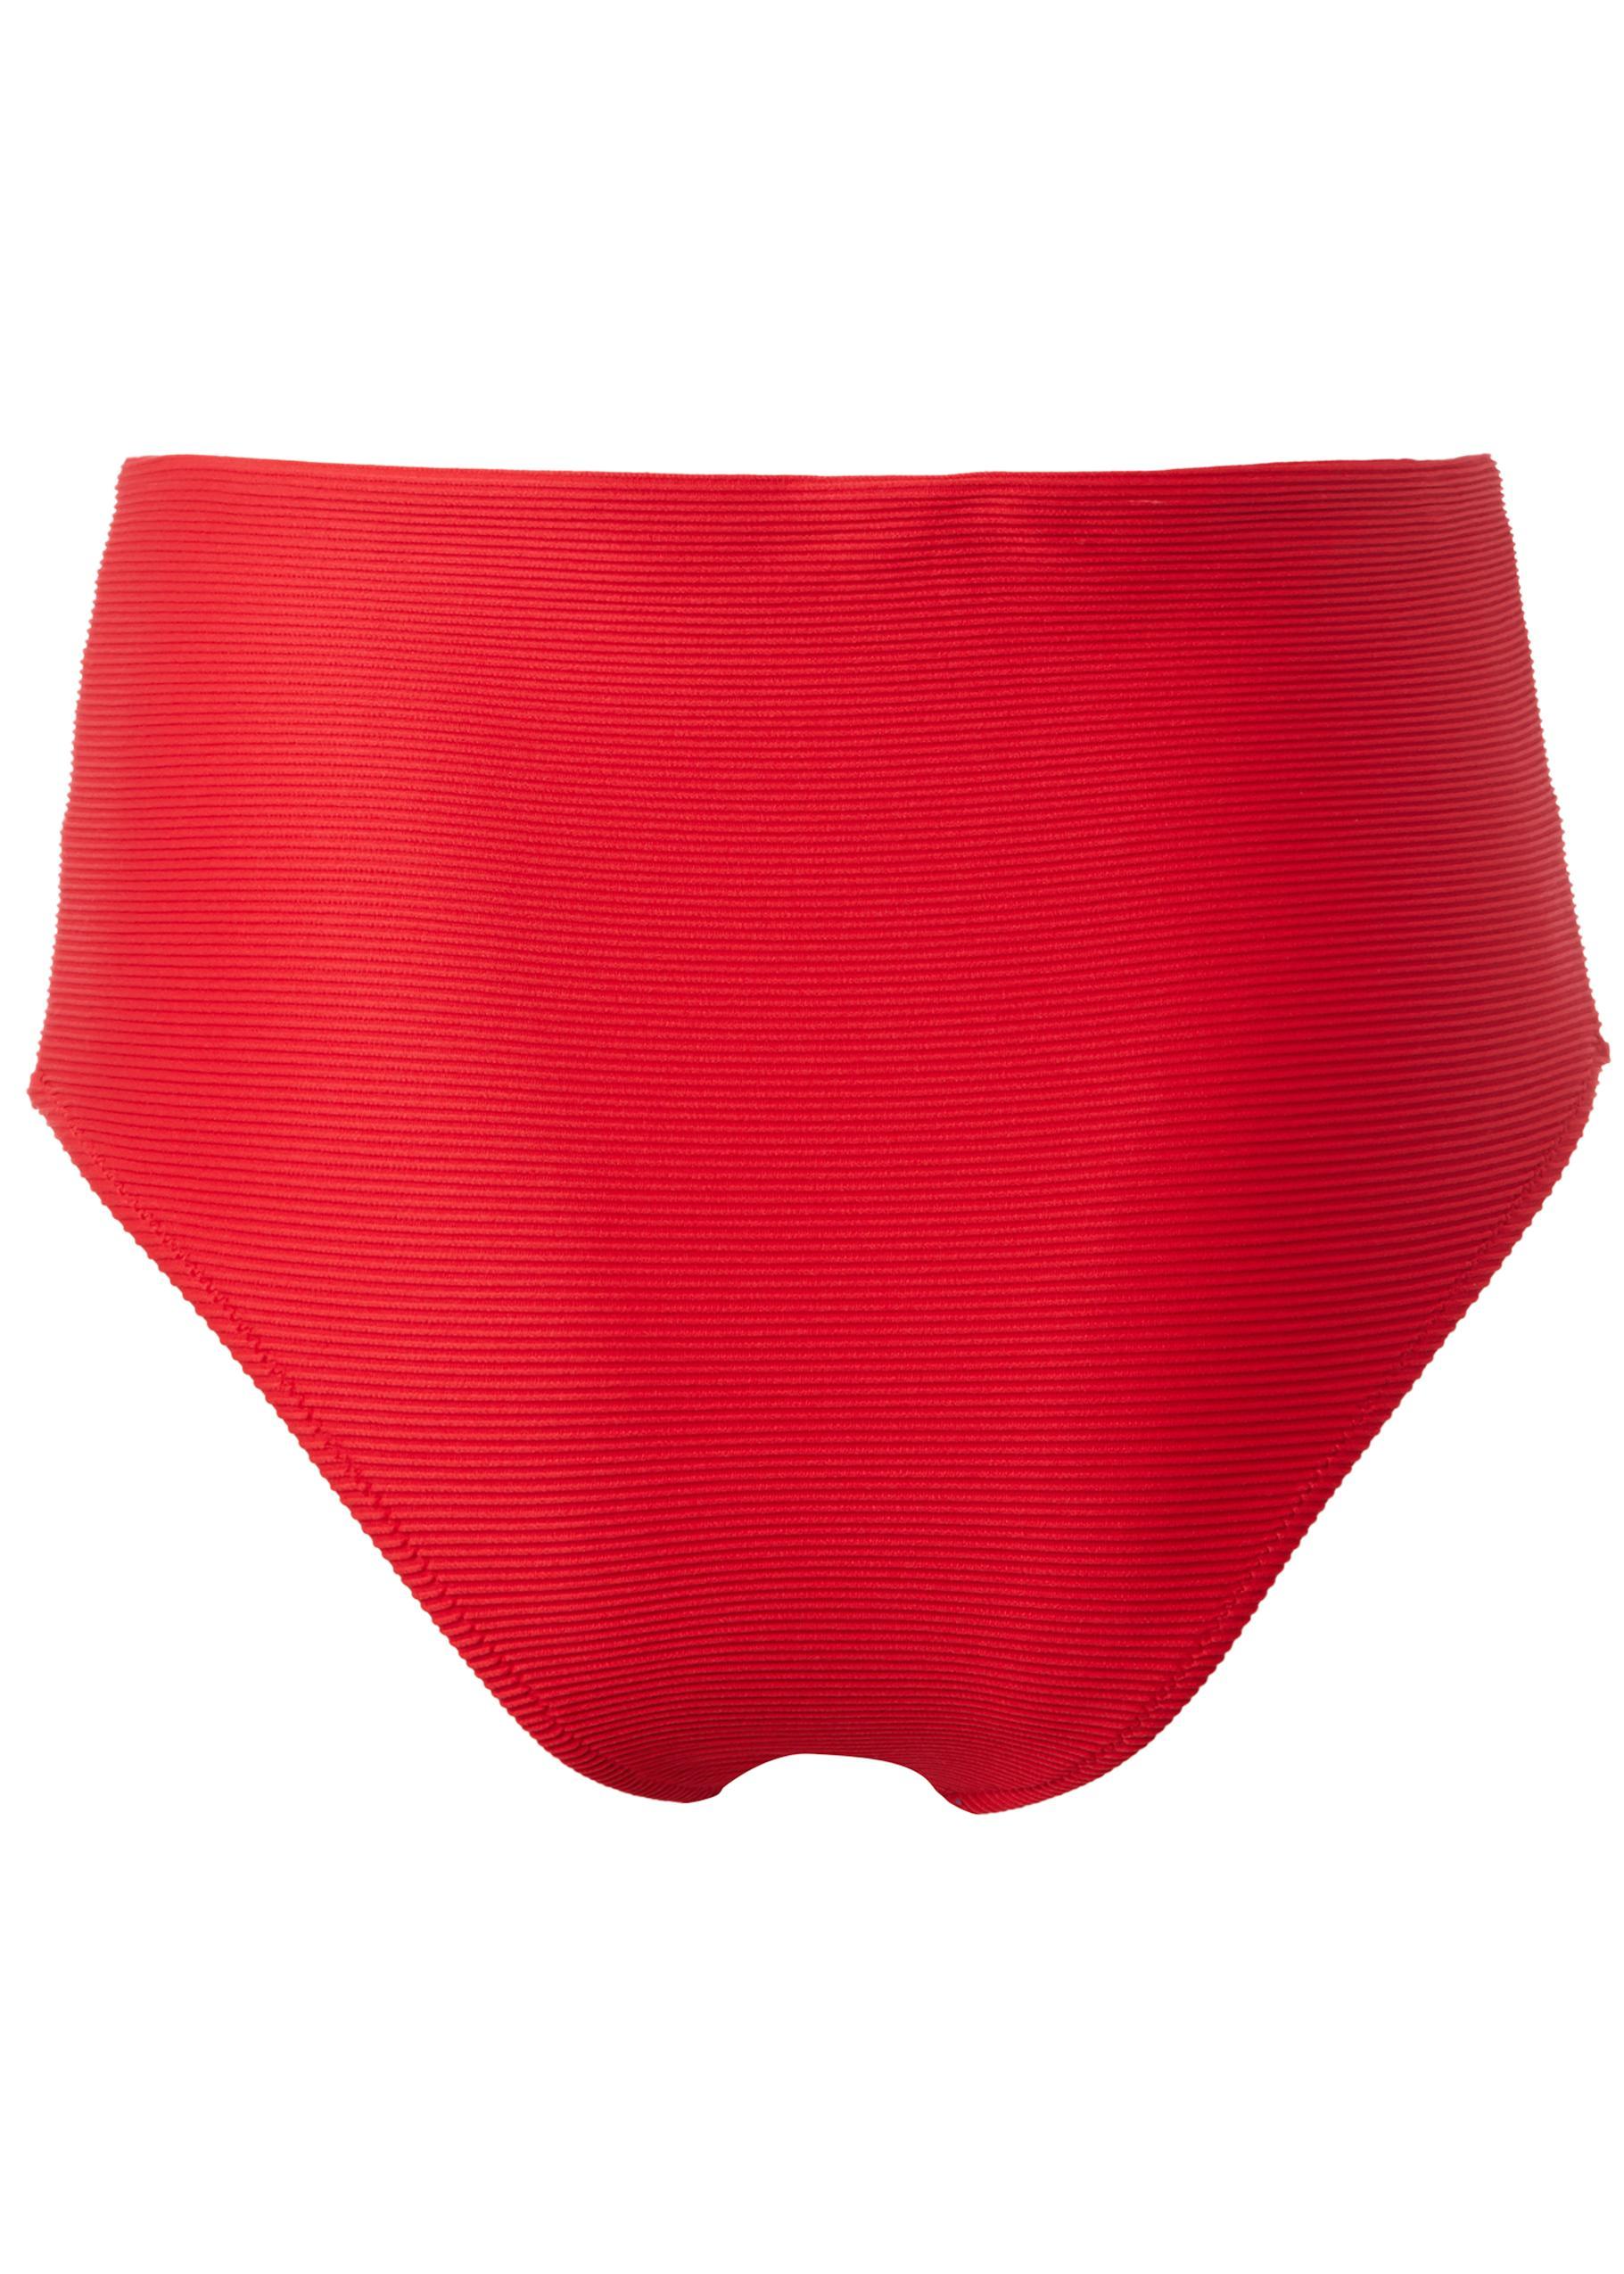 prezzo Bikini Slip Alto Righe Rilievo Ester in offerta